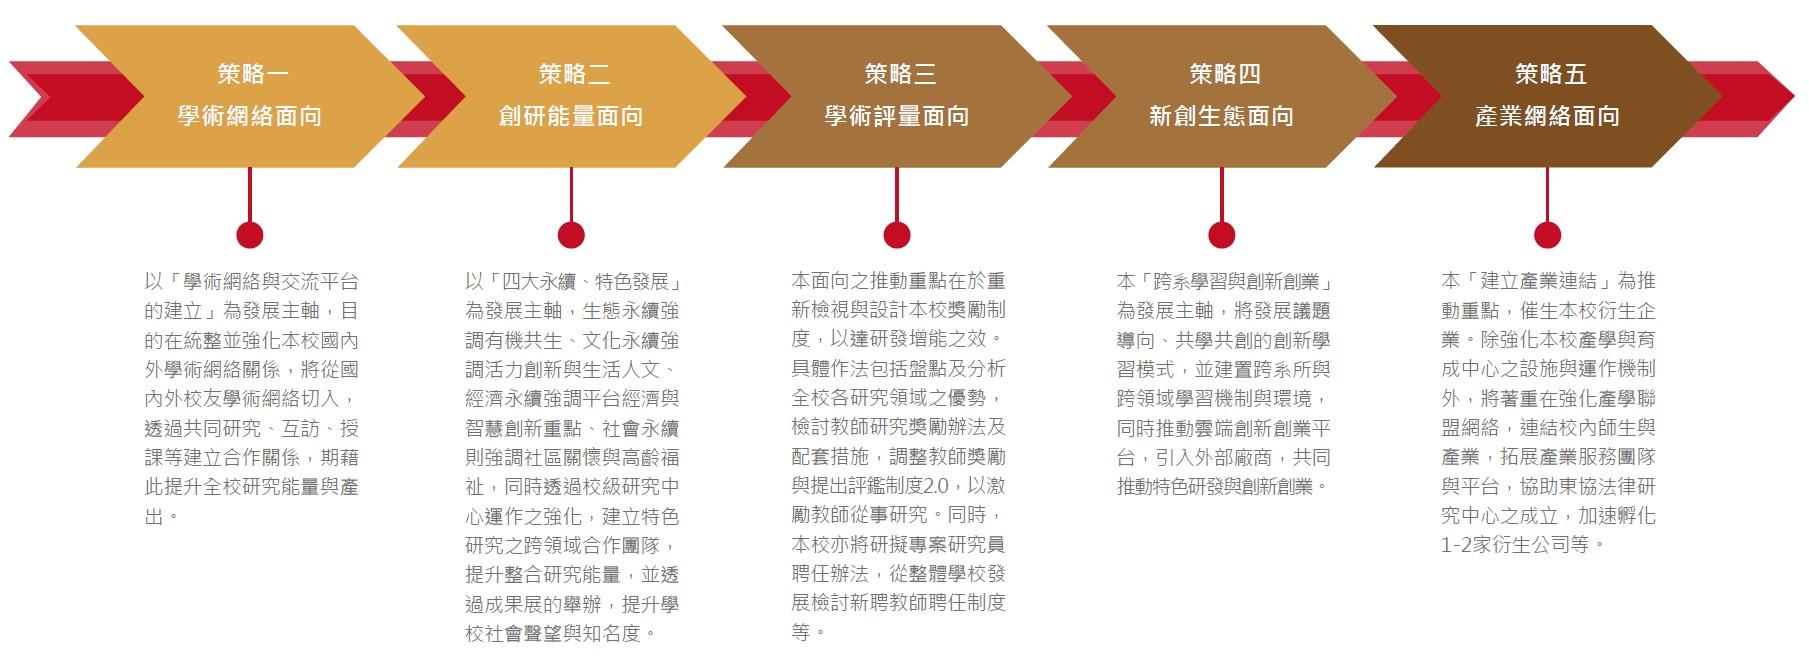 永續創新五大策略